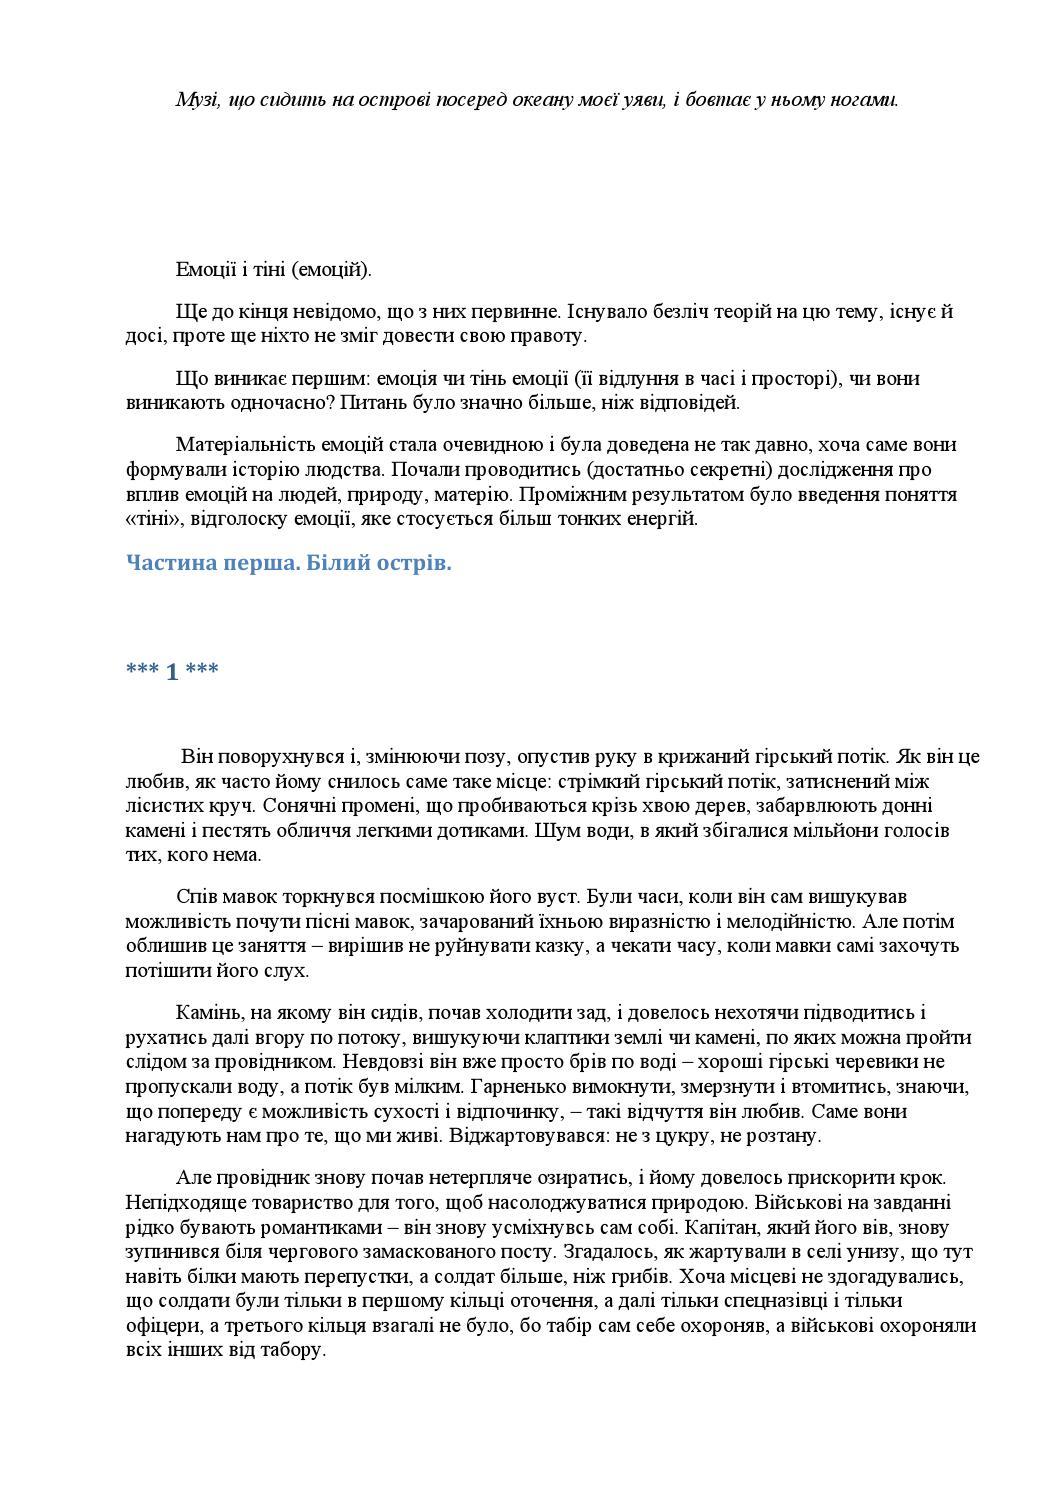 Проект б by Oksana Dmytruk - issuu a8bba0127a239